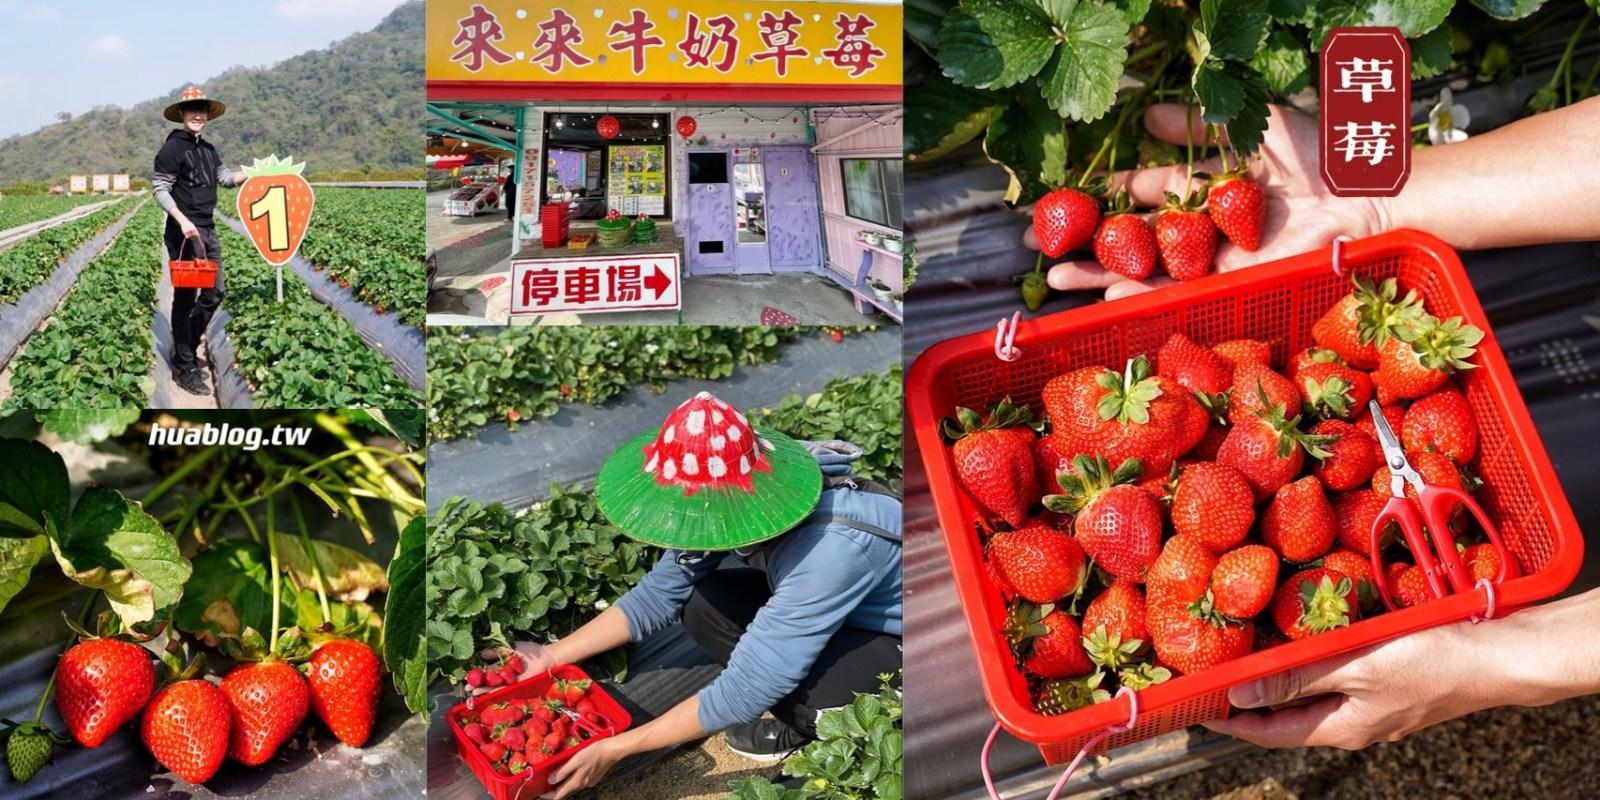 【苗栗大湖】草莓園推薦『來來牛奶草莓園』有專屬停車場,還有防曬可愛的草莓斗笠!現場還有草莓醋免費暢飲~採草莓首選推薦!